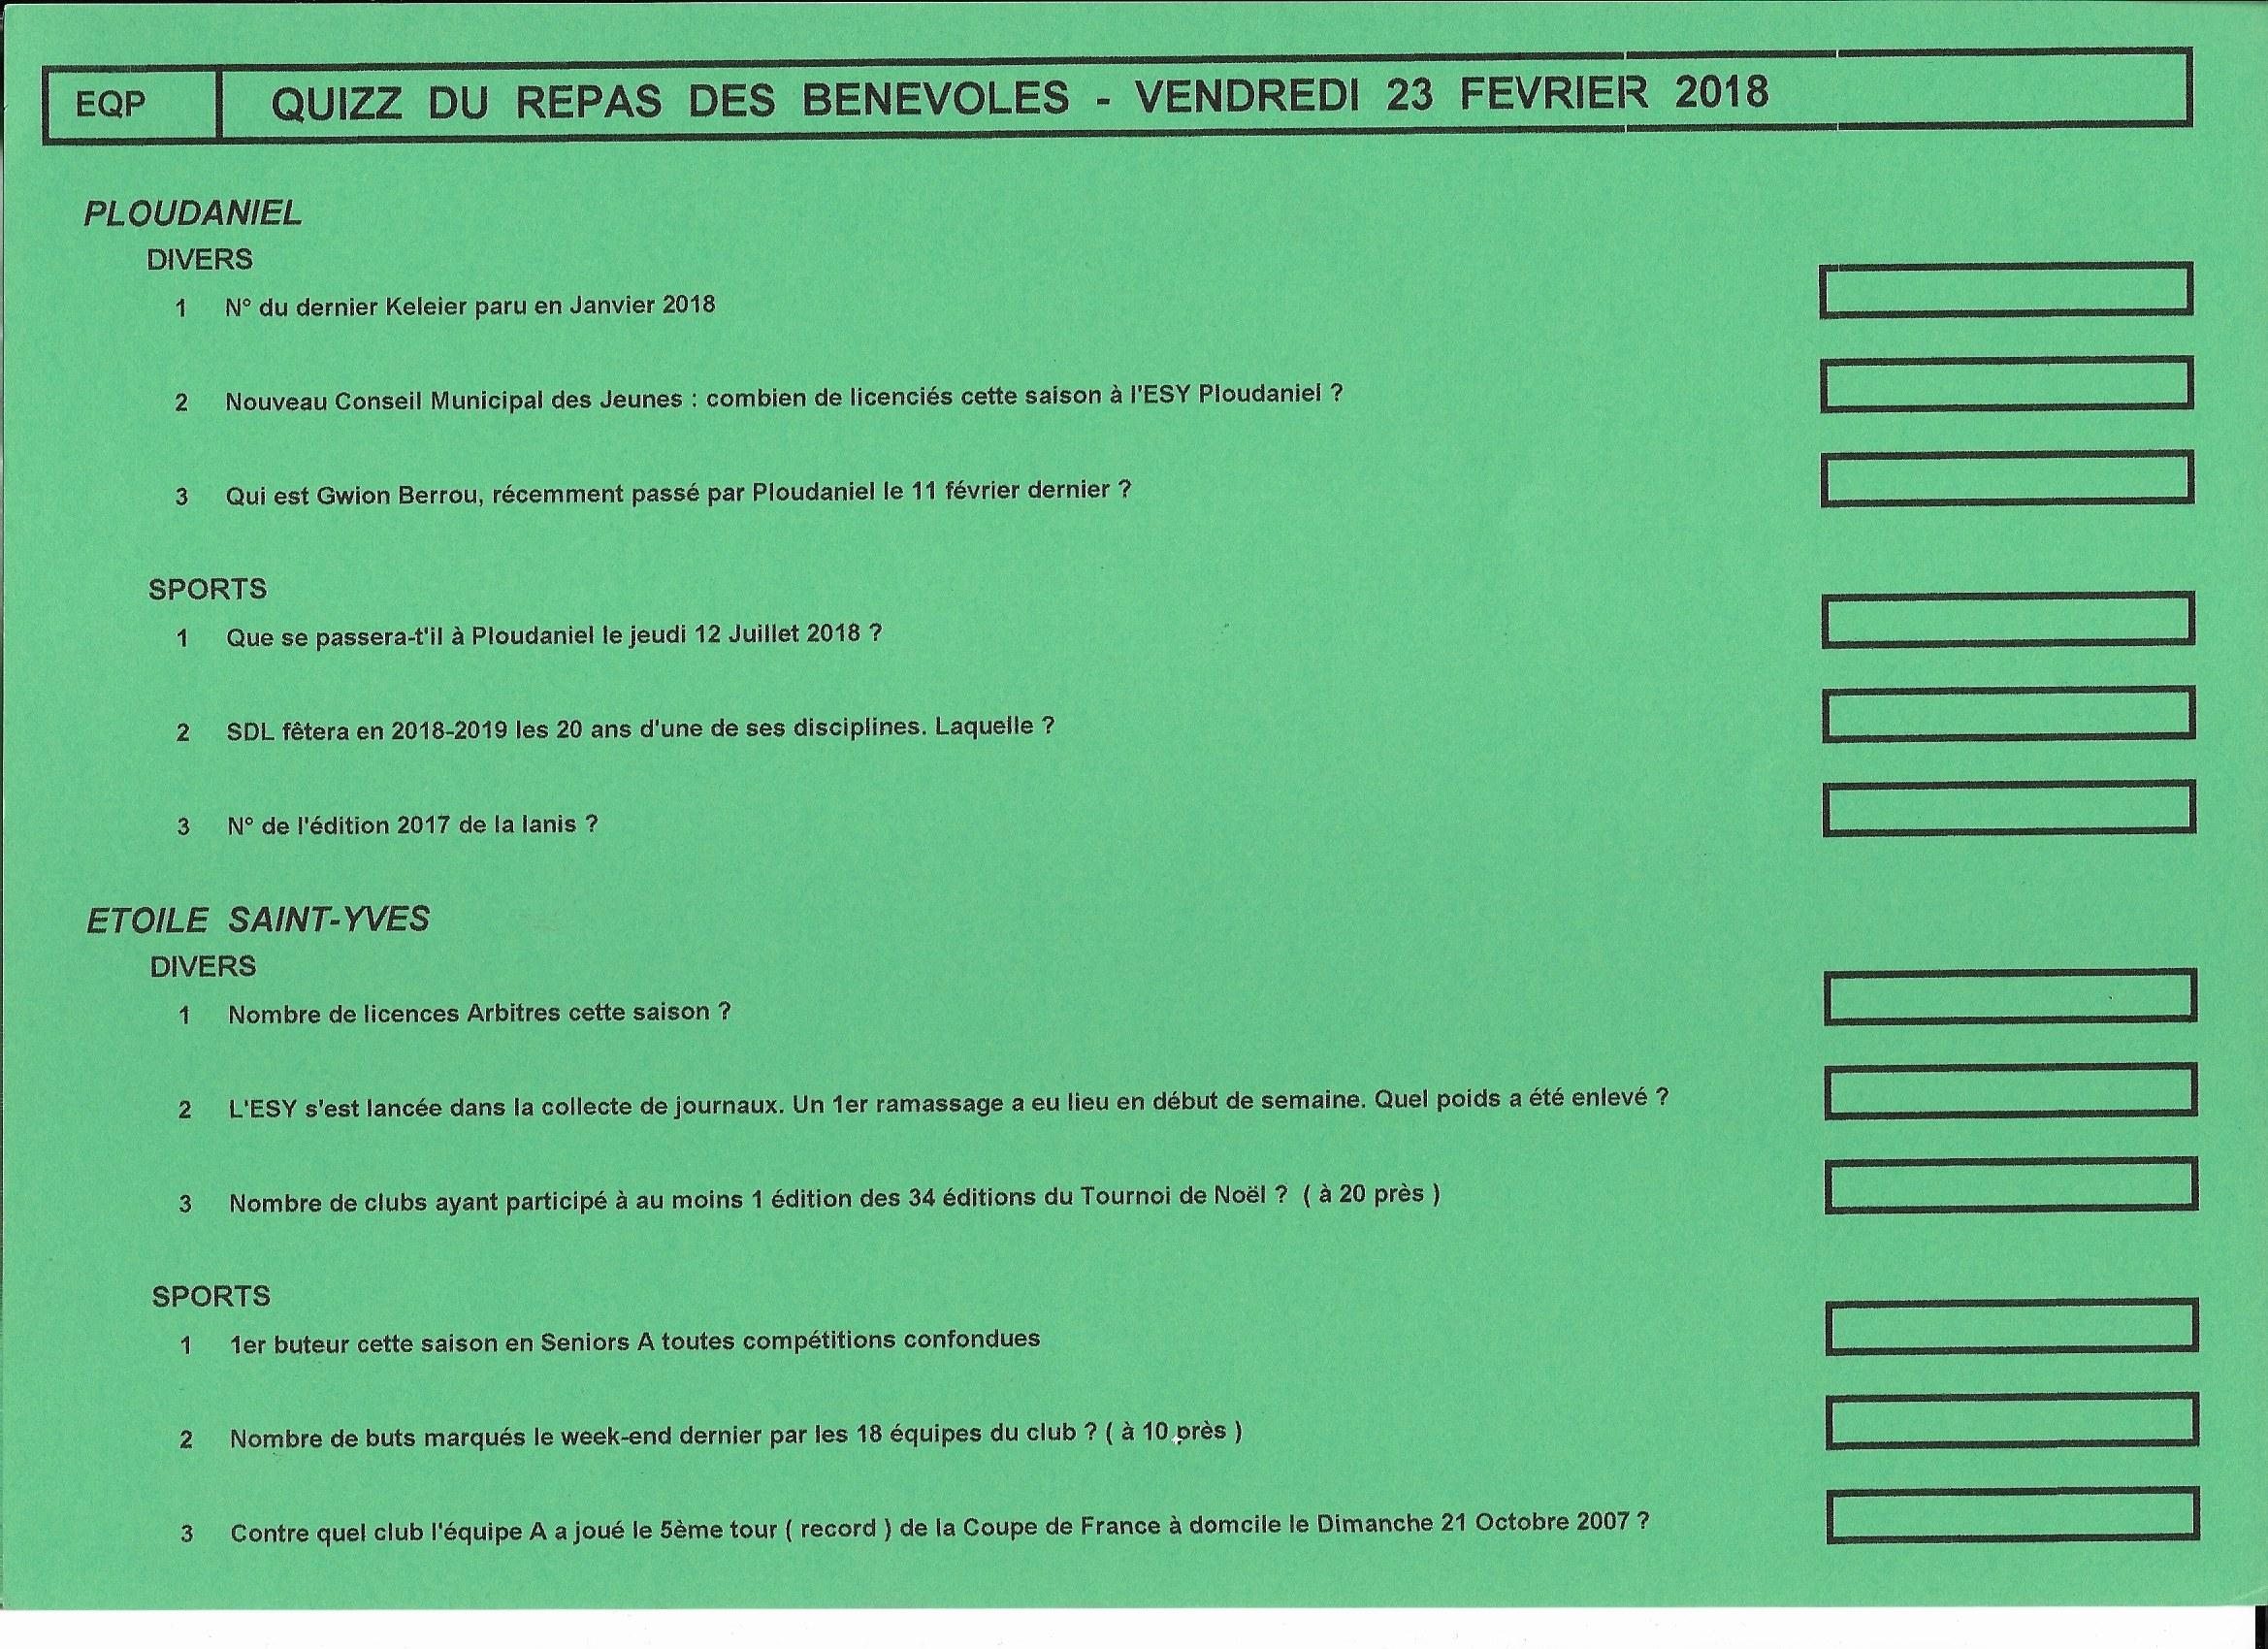 2017-2018_Repas Benevoles_Quiz 3.jpg